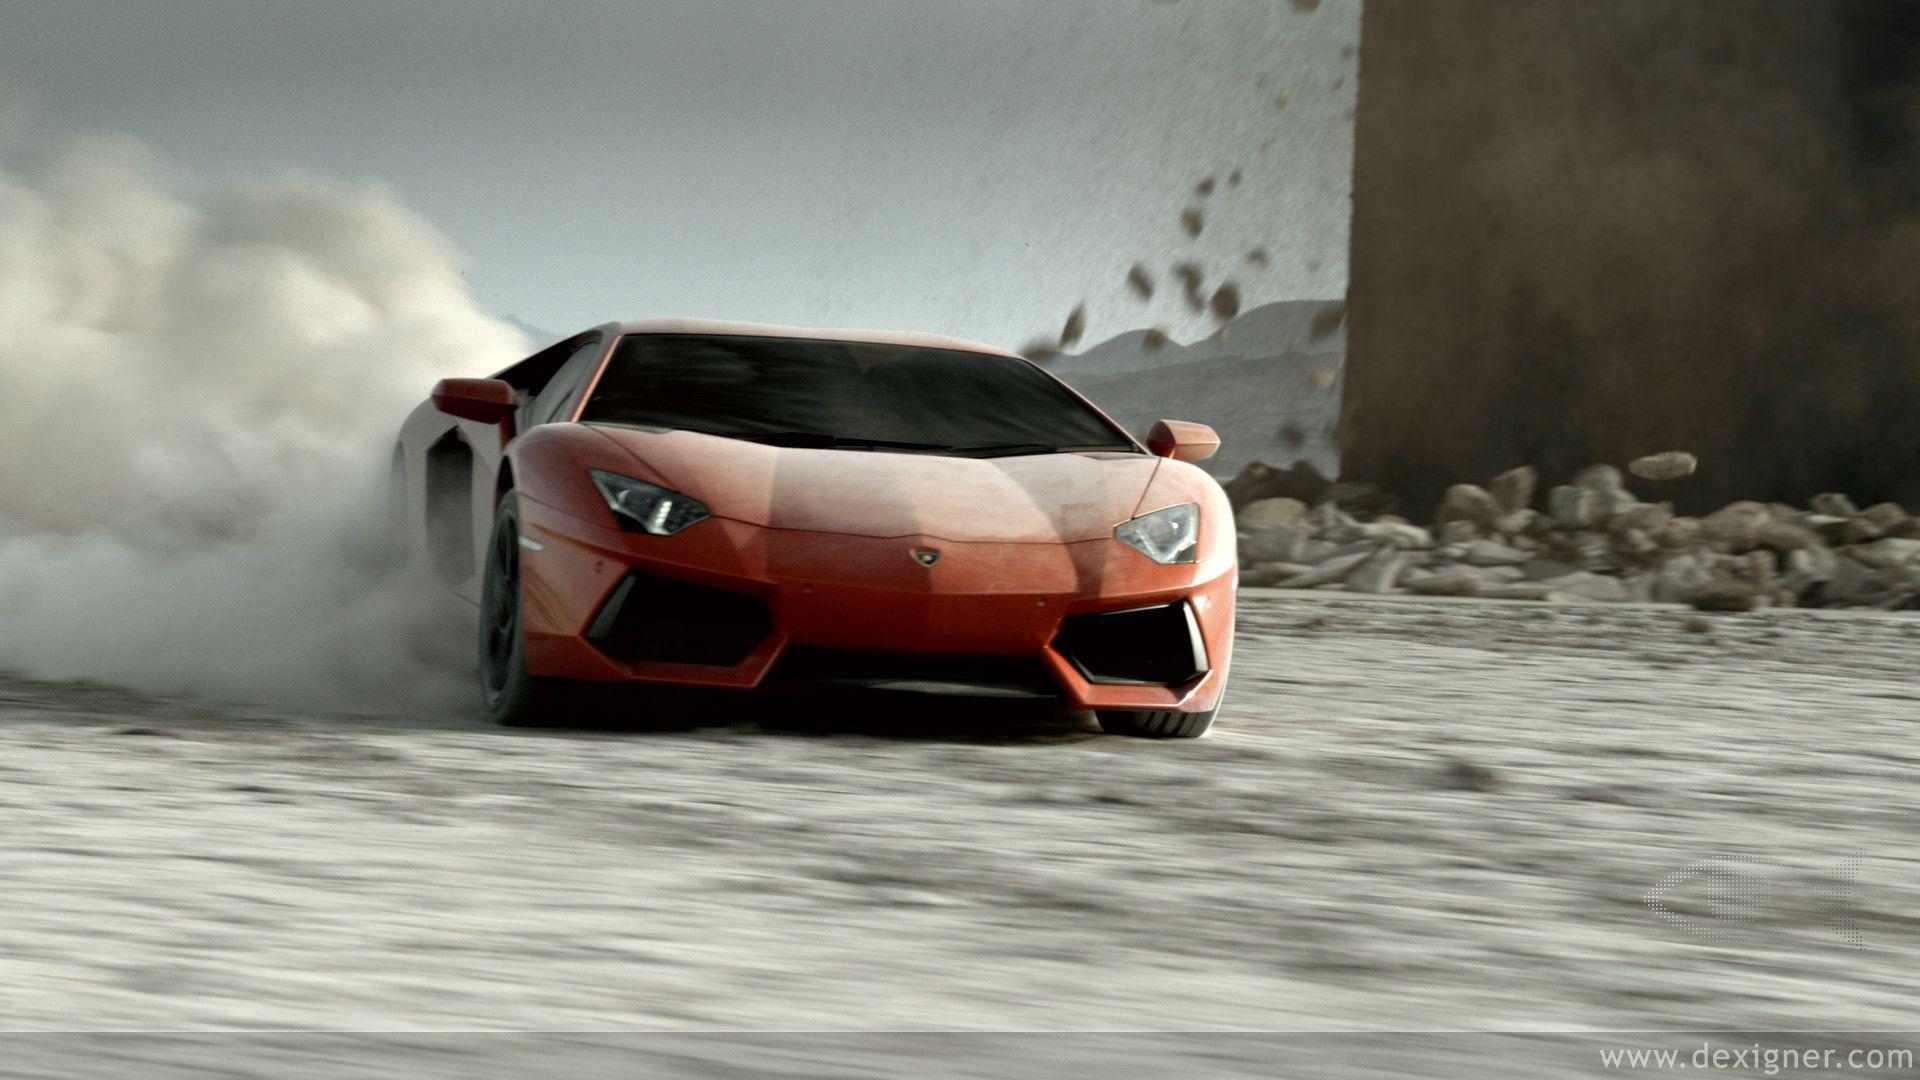 Sports Cars Lamborghini Wallpaper Full Hd Wallpaper Lamborghini